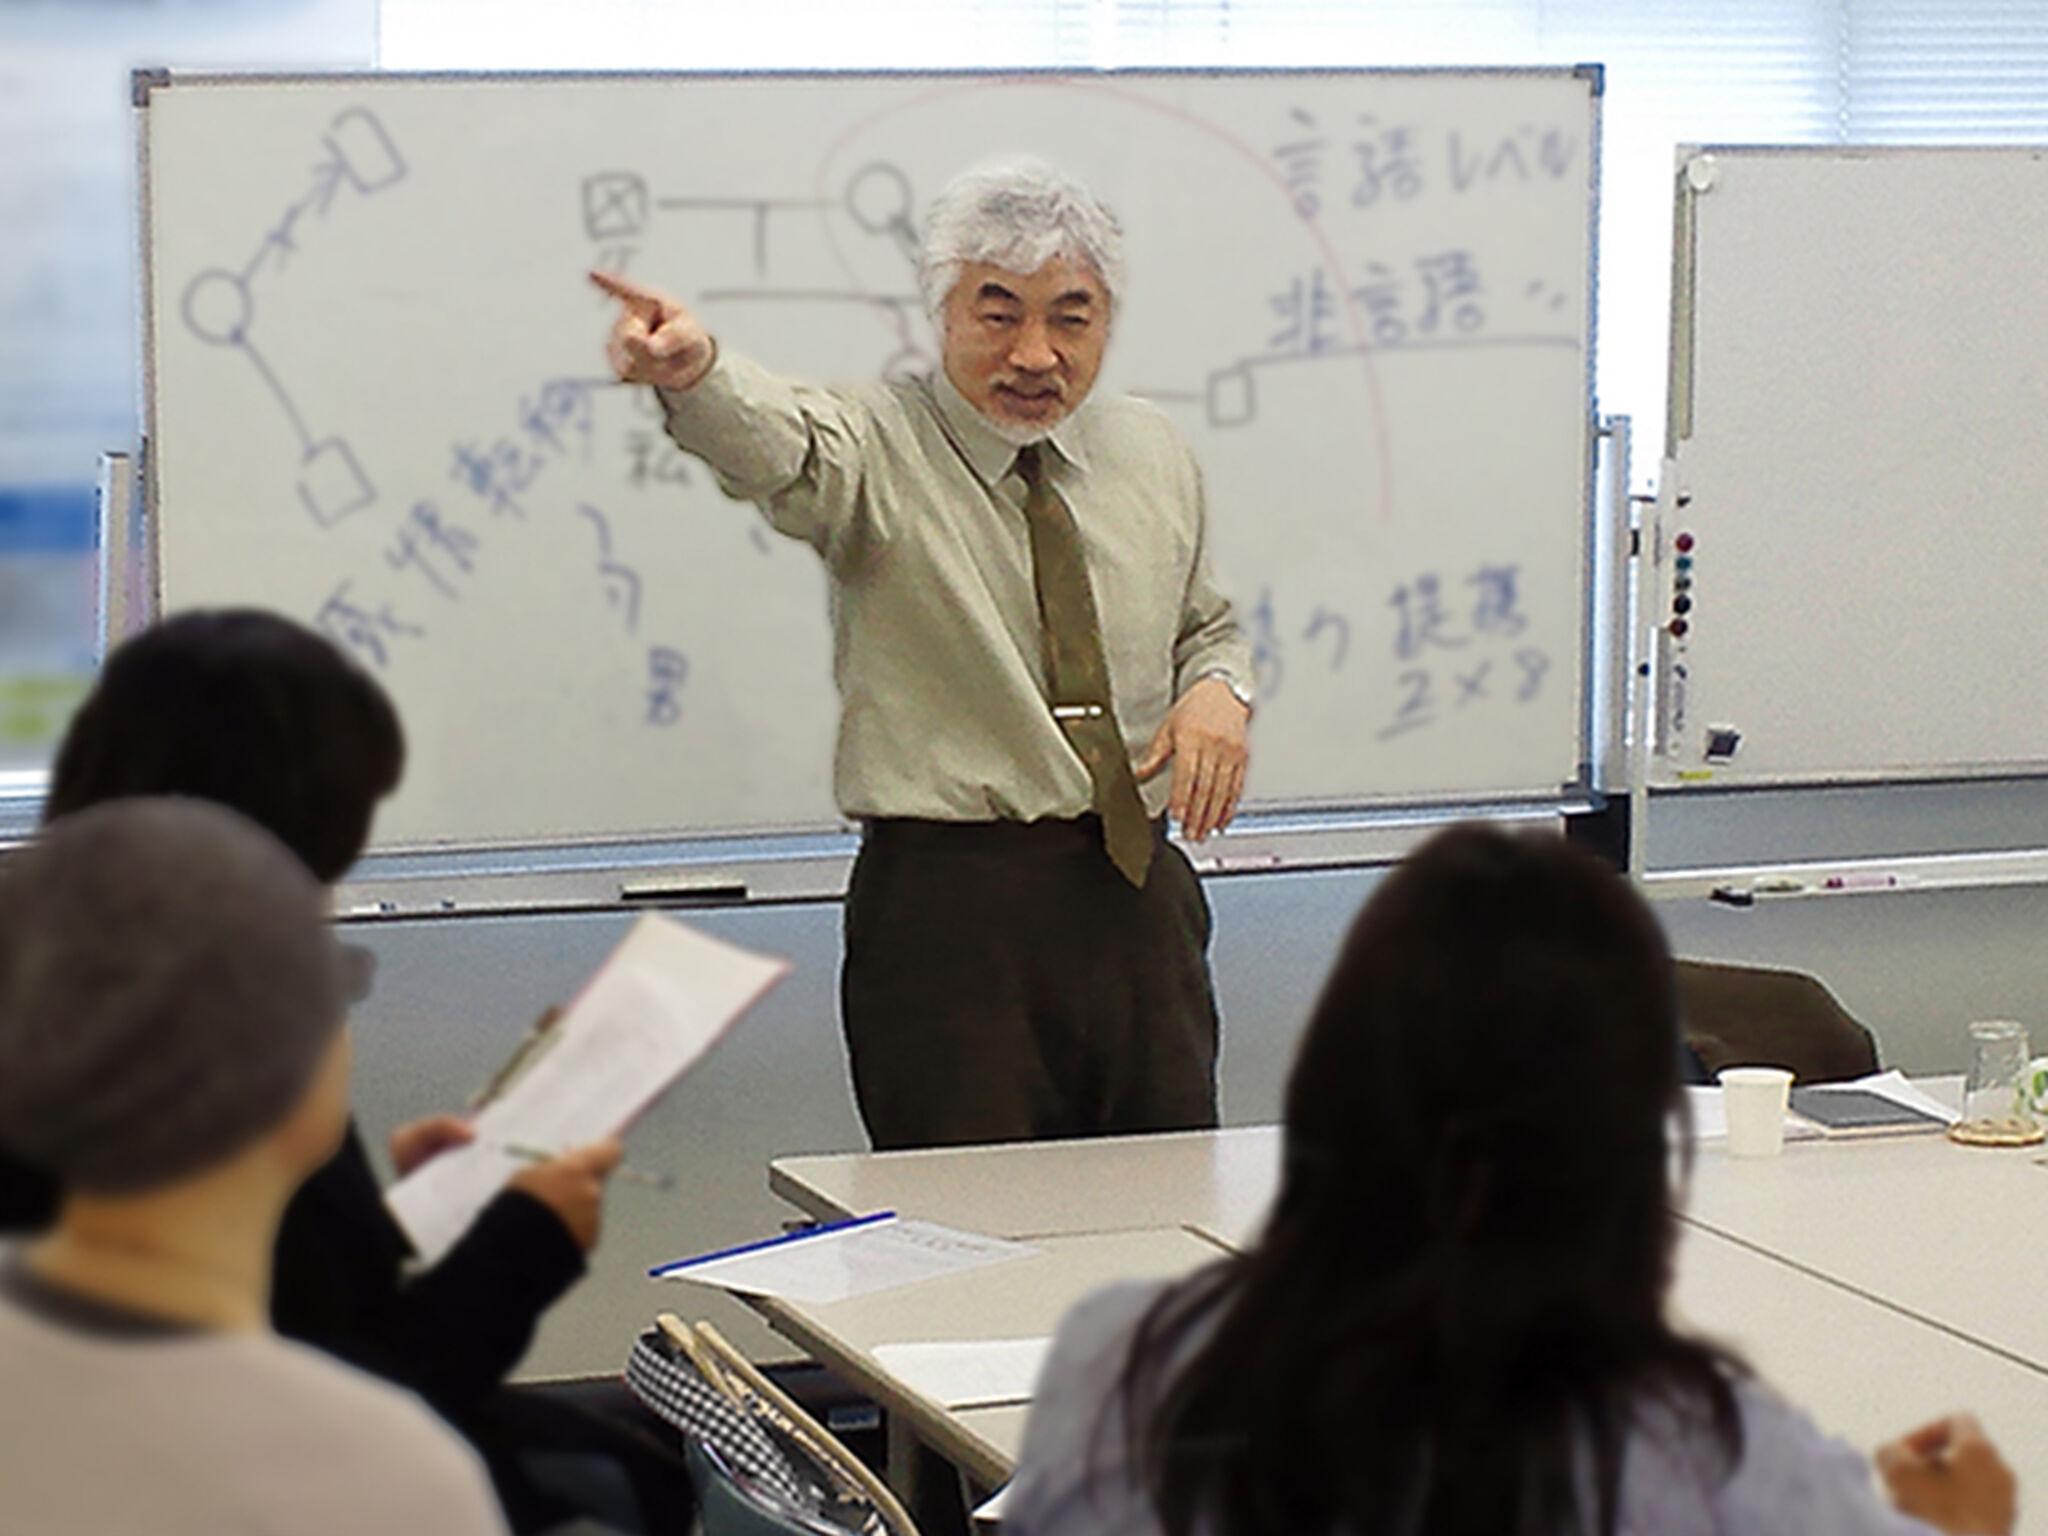 所長がホワイトボードの前で話をしている様子の画像